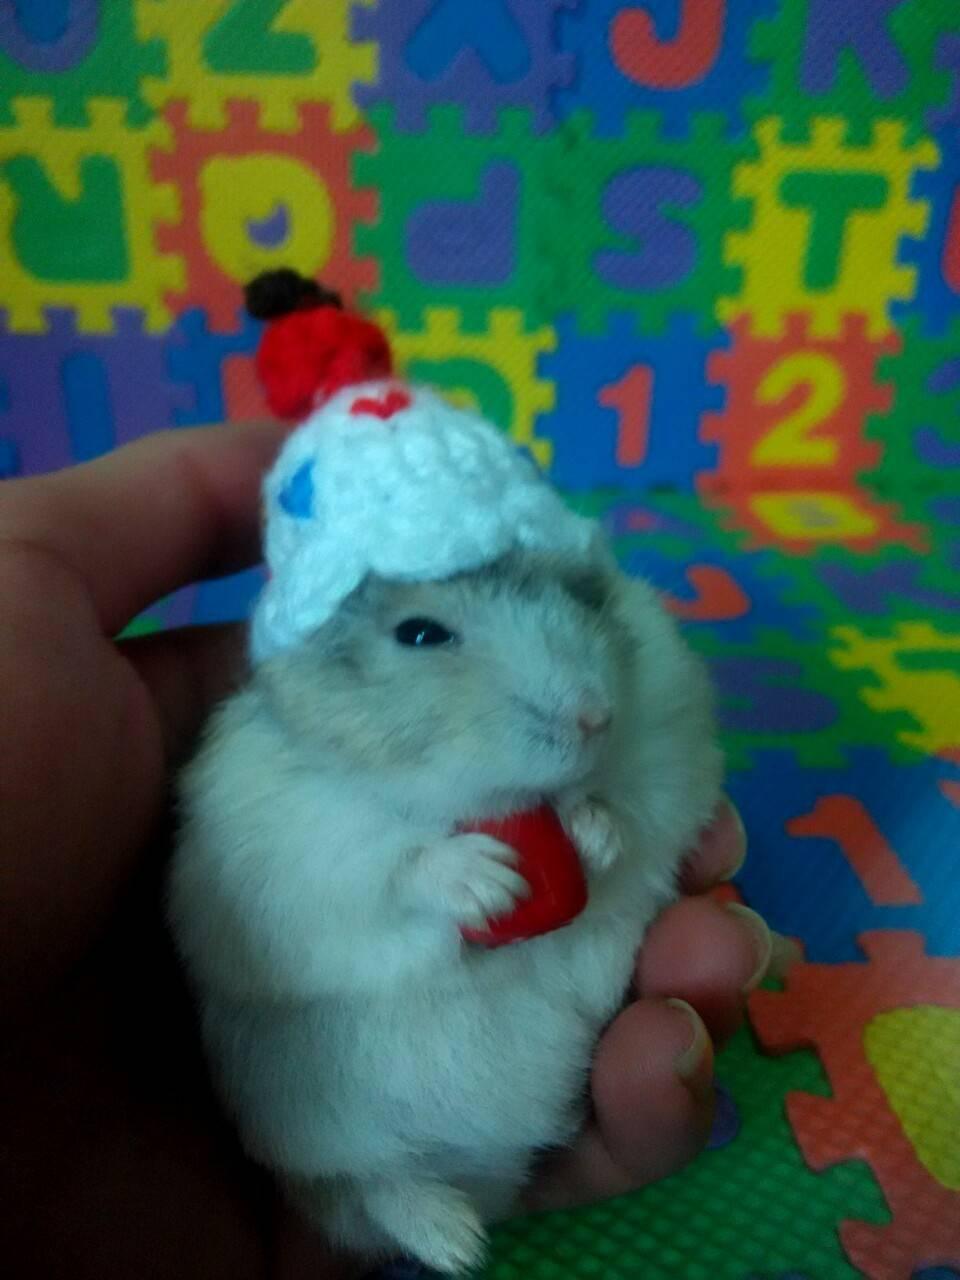 生日都过完了,生日帽子才到货,不过,它戴上也挺可爱的